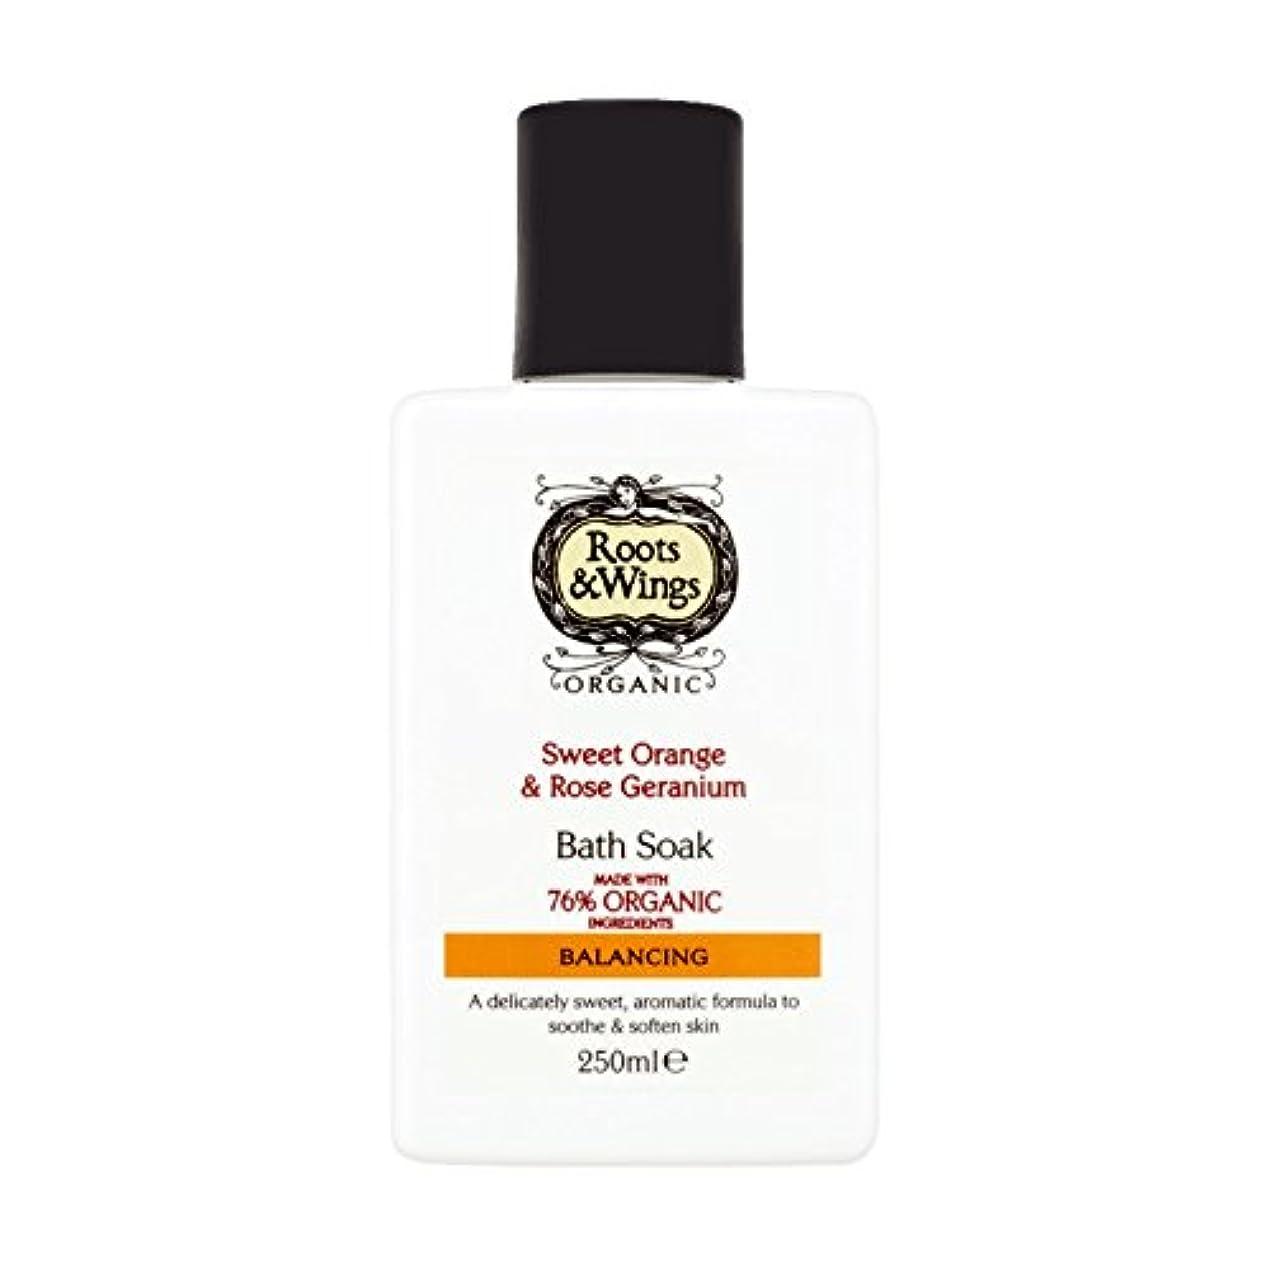 スリンク阻害するスコアRoots & Wings Bath Soak Sweet Orange & Rose Geranium 250ml (Pack of 6) - ルーツ&翼バス甘いオレンジを浸し&ゼラニウム250ミリリットルをバラ (x6...